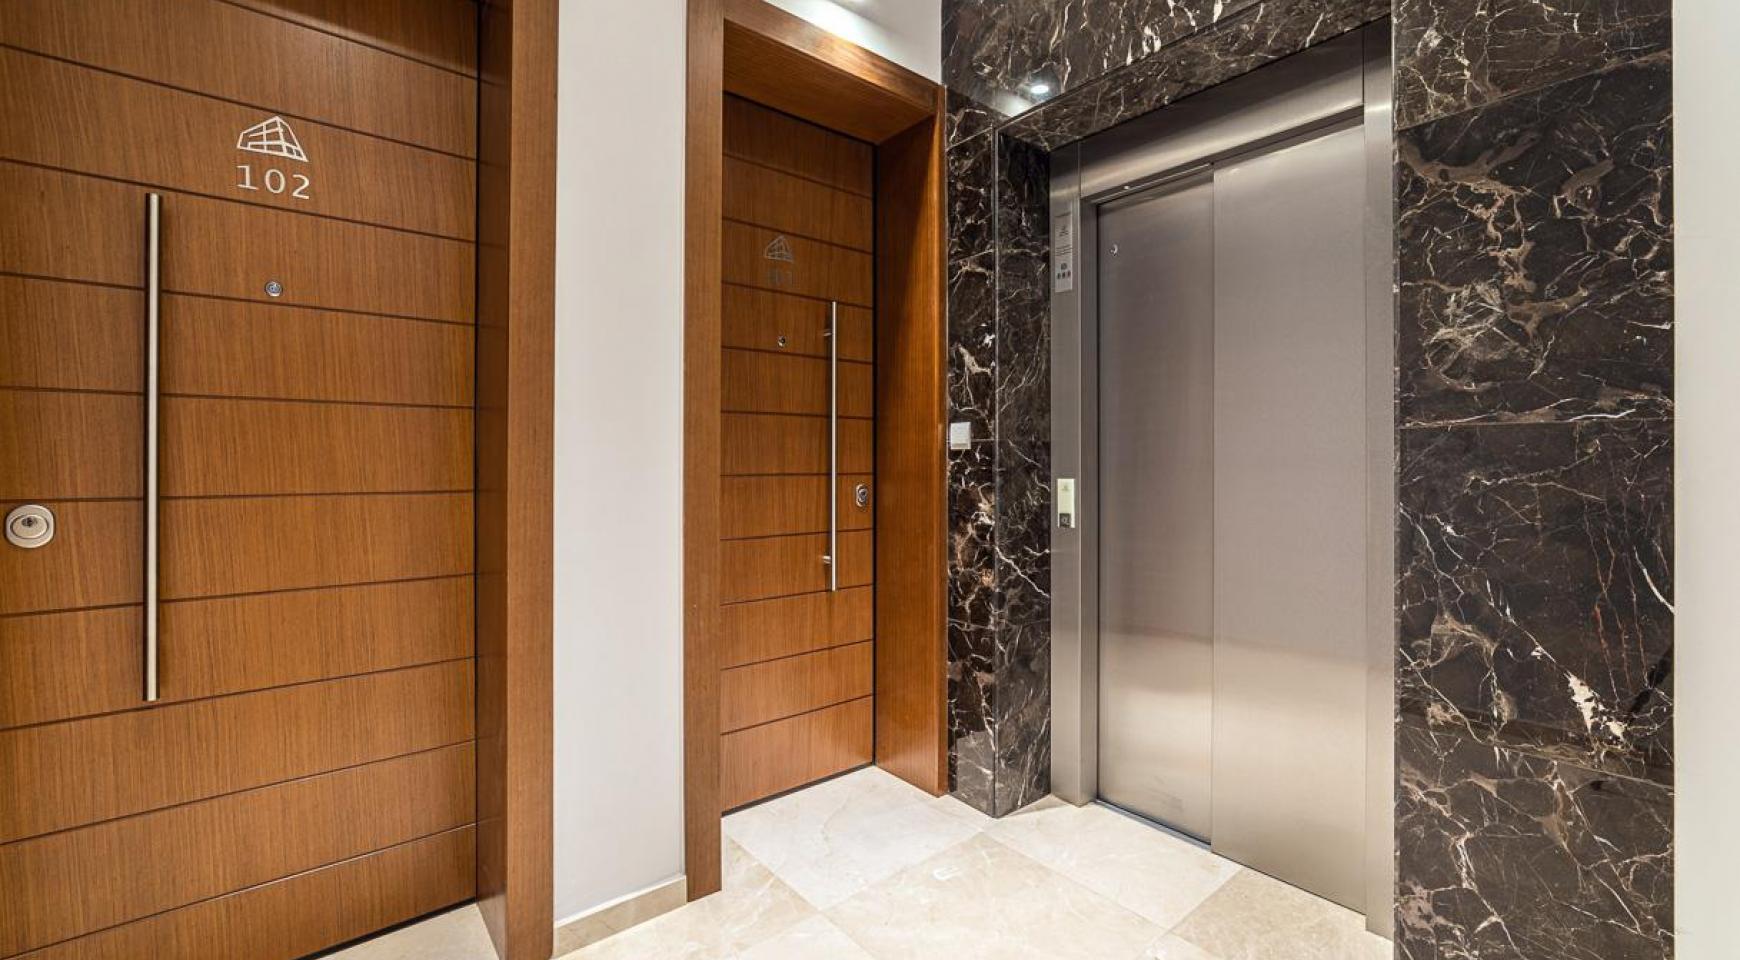 Malibu Residence. Современная Односпальная Квартира 101 в Районе Ротамос Гермасойя - 18